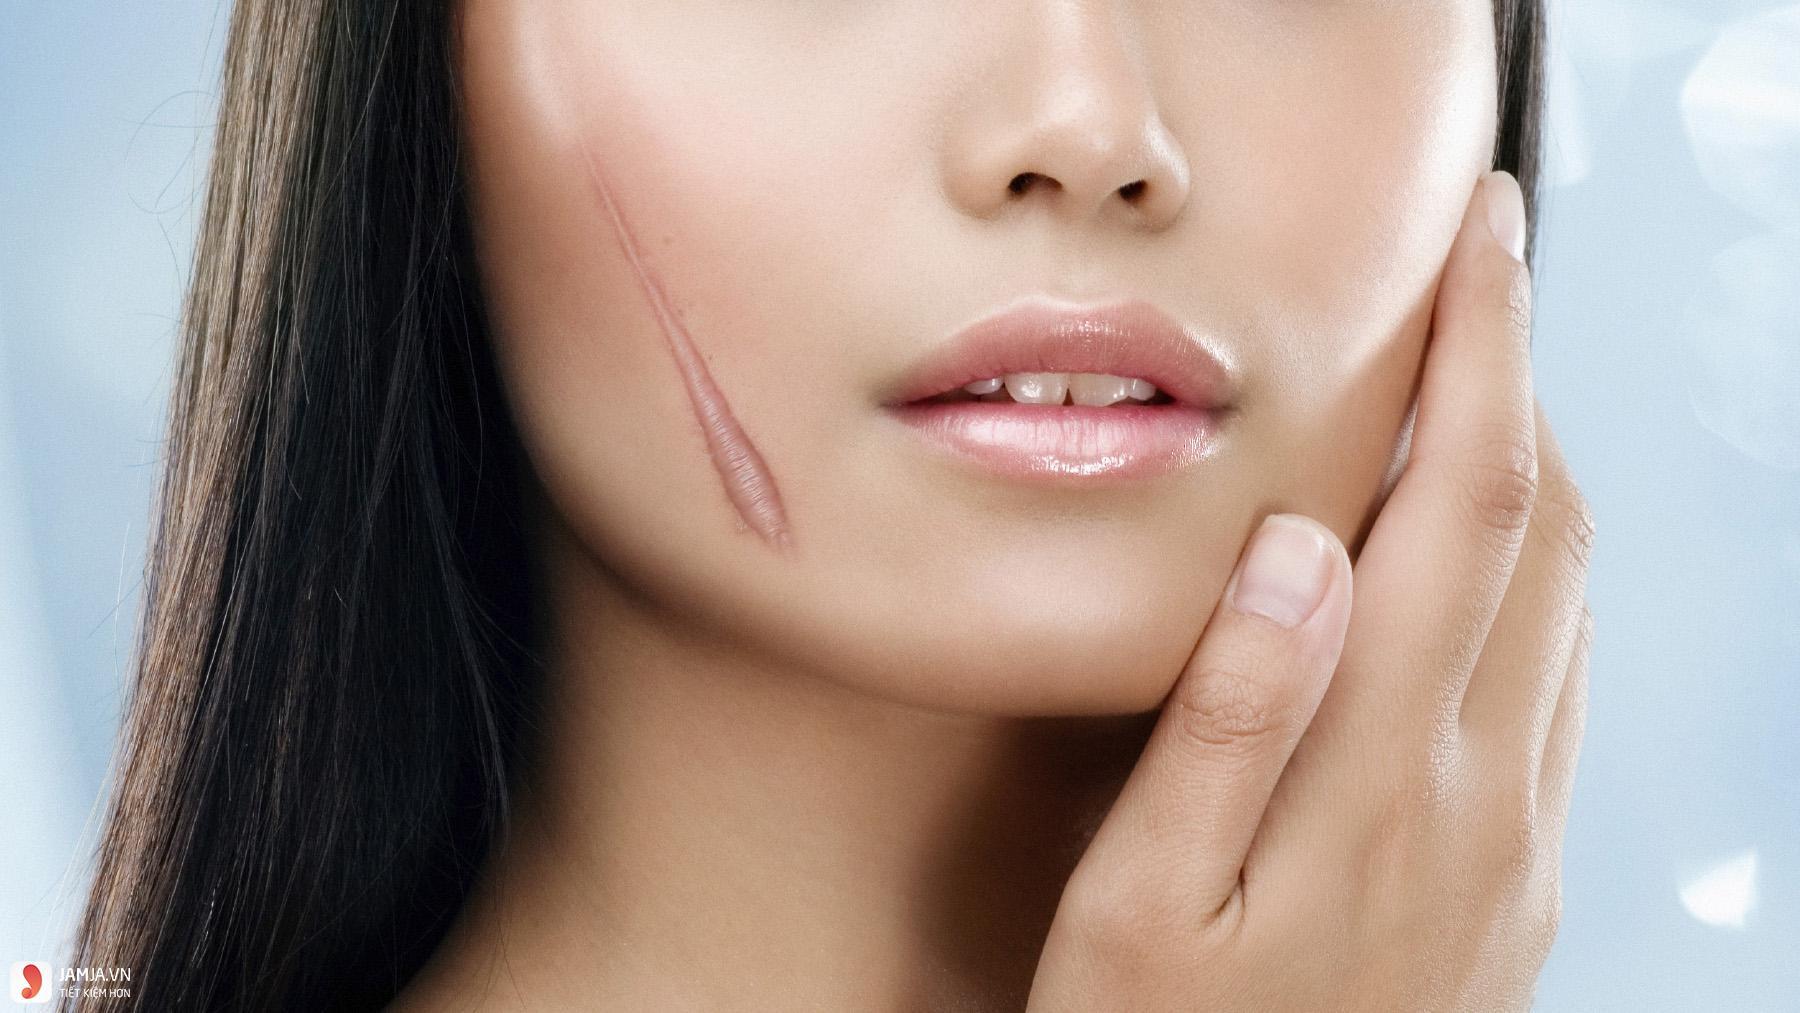 nguyên nhân hình thành sẹo lồi trên da